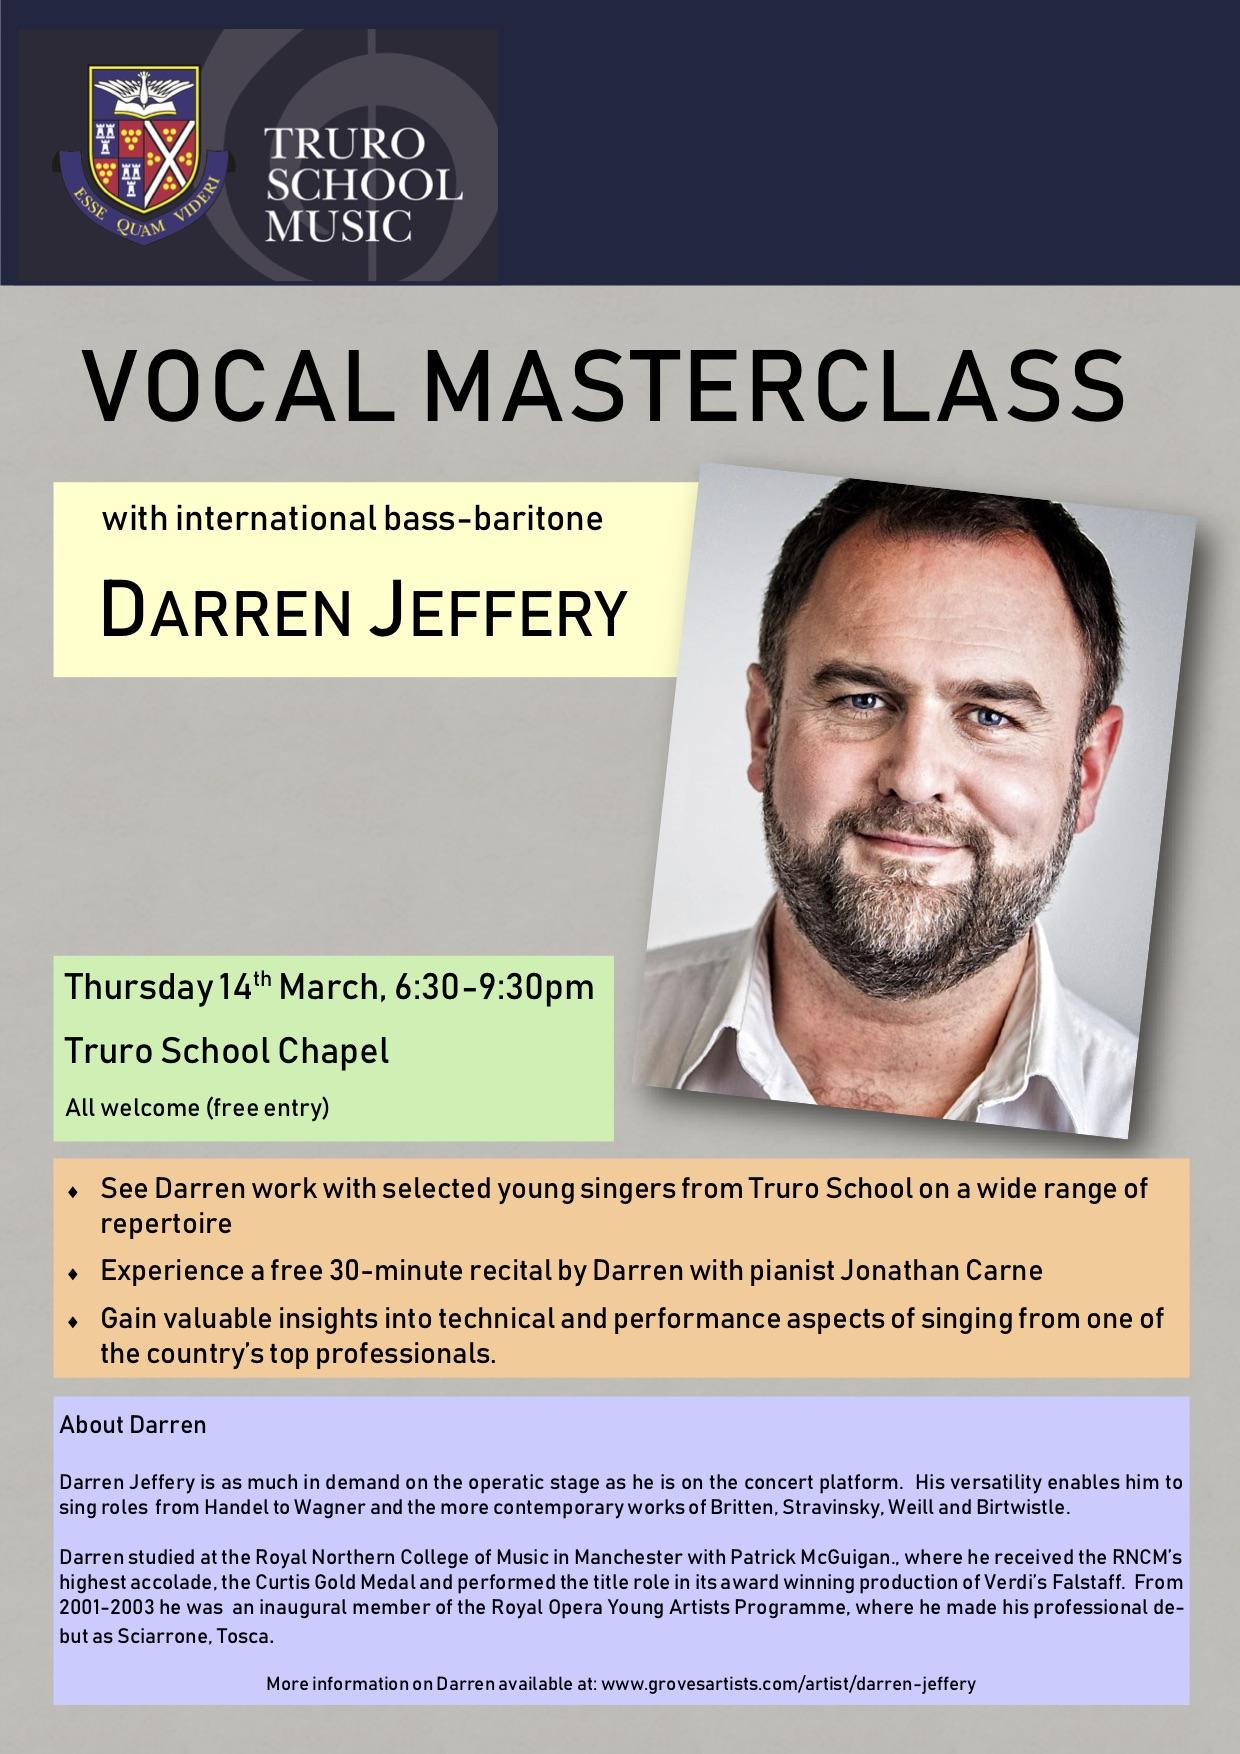 2019 03 14 Darren Jeffery masterclass poster copy.jpg